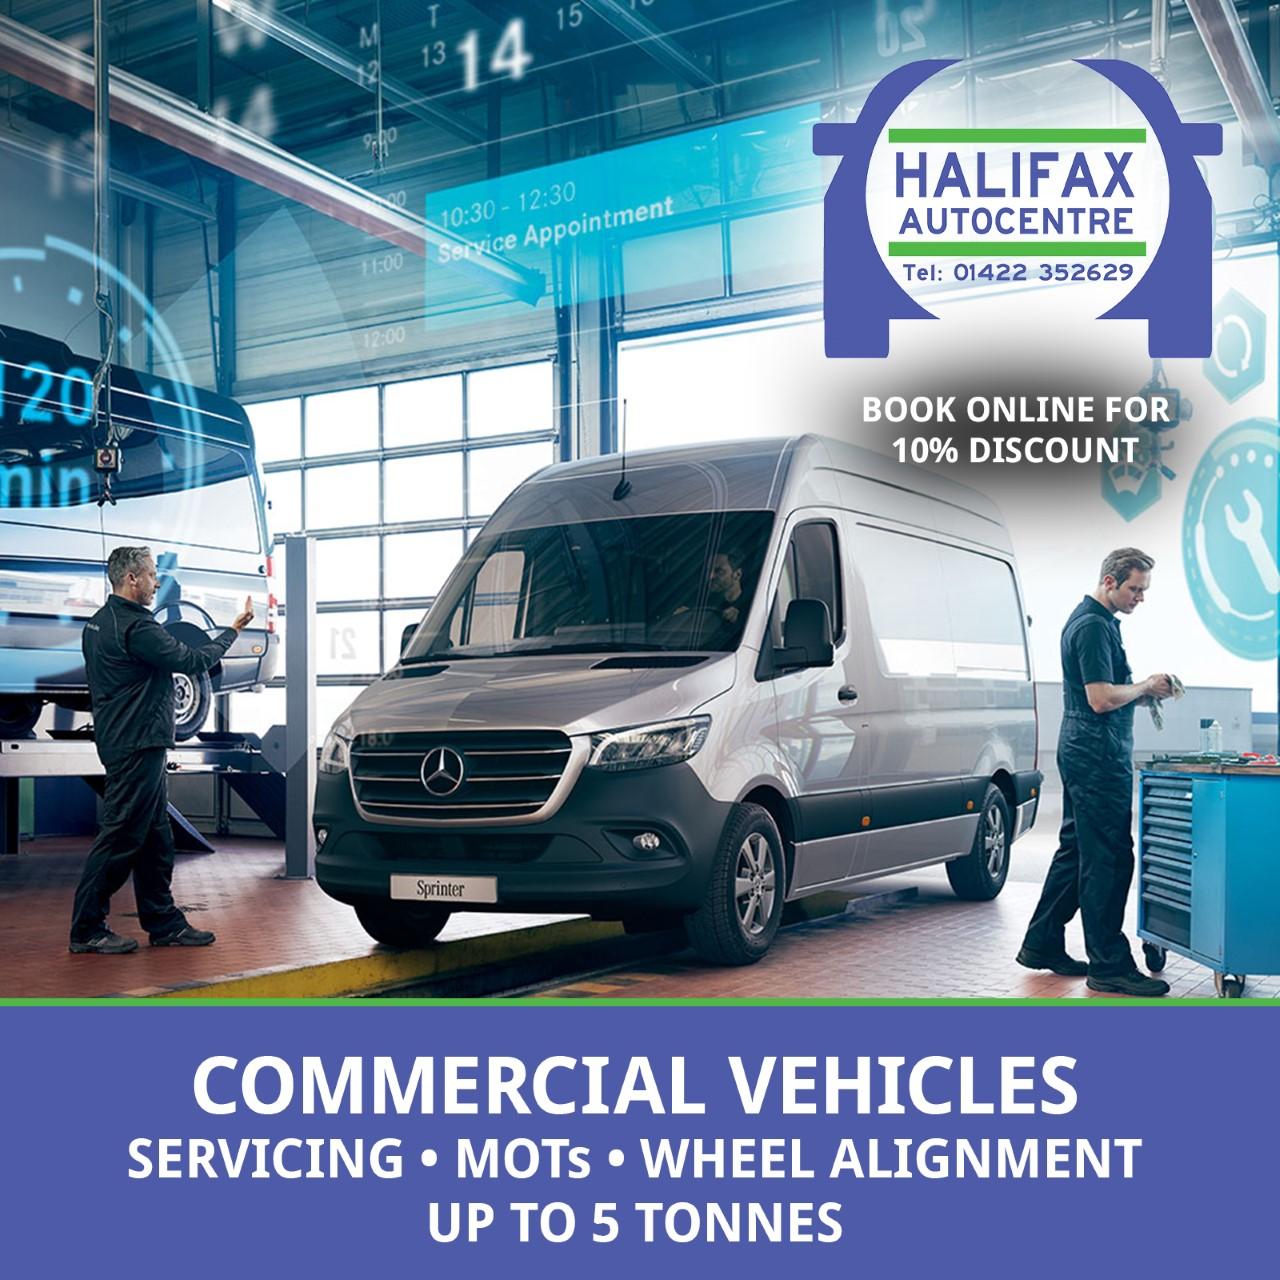 Halifax Autocentre - Commercial Vehicle MOTs